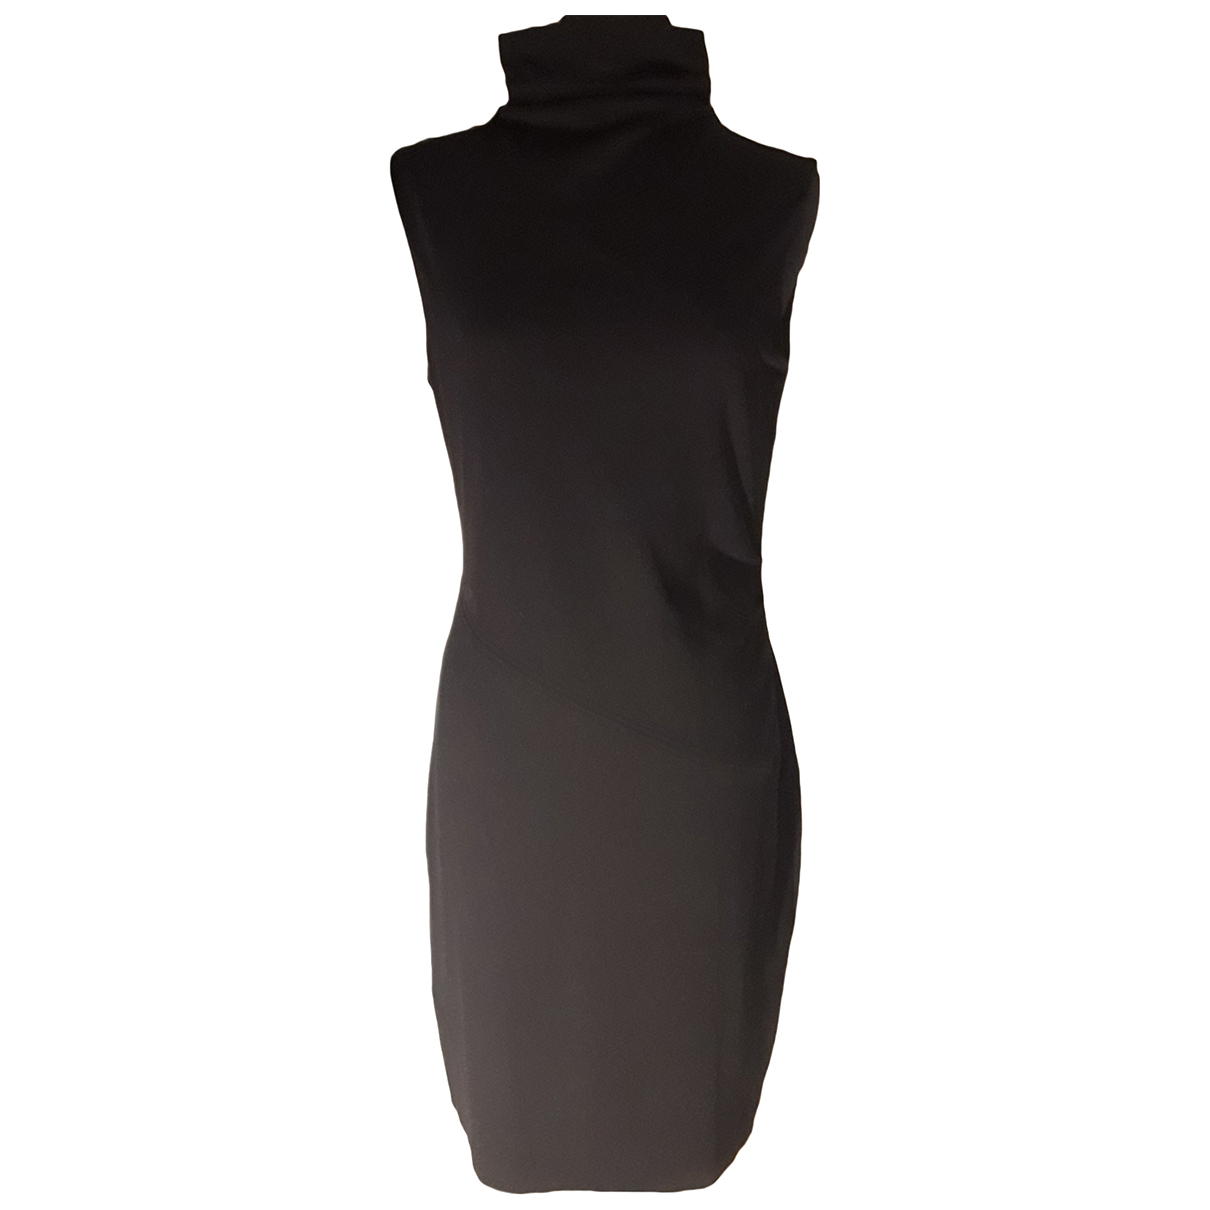 Diane Von Furstenberg N Black dress for Women 10 US